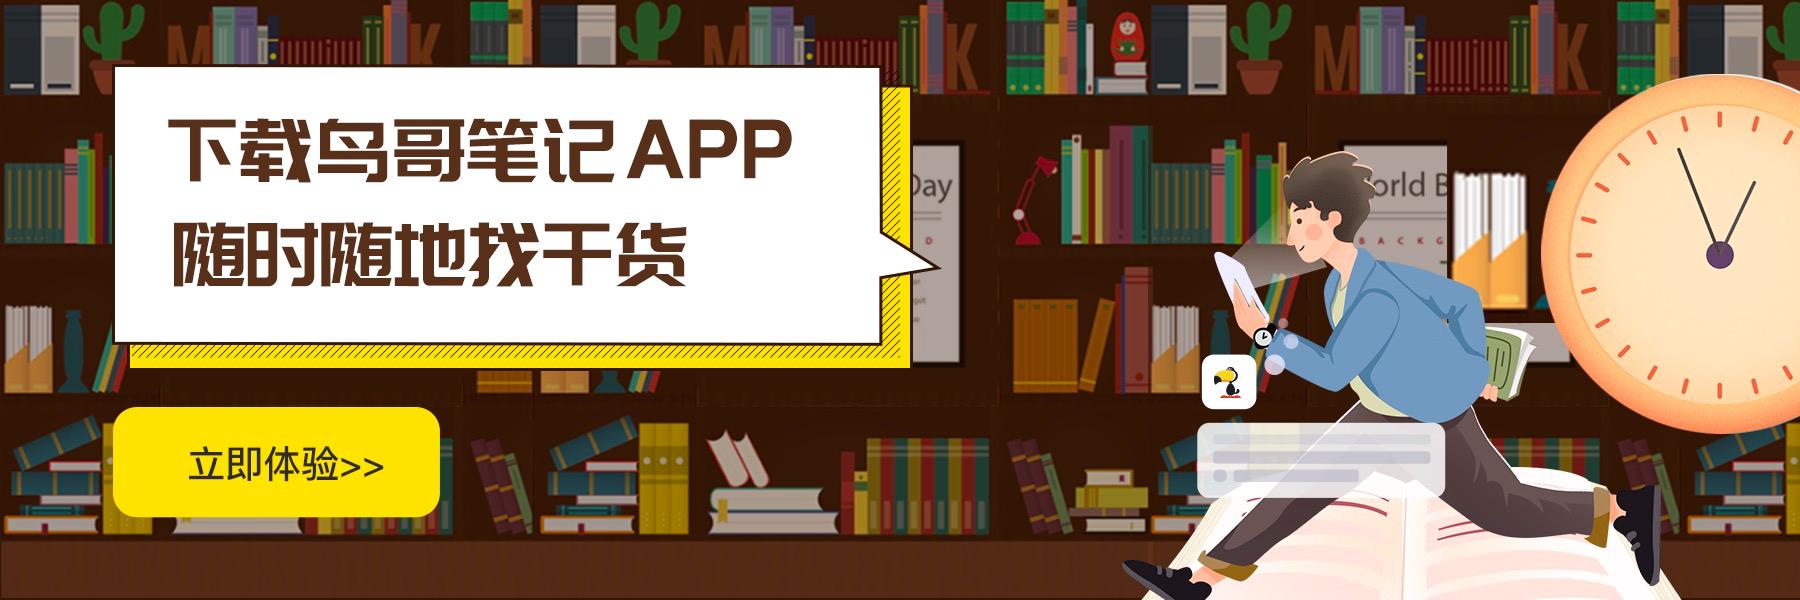 亚洲AV无码专区首页,用户运营,亚洲AV无码专区首页,用户运营